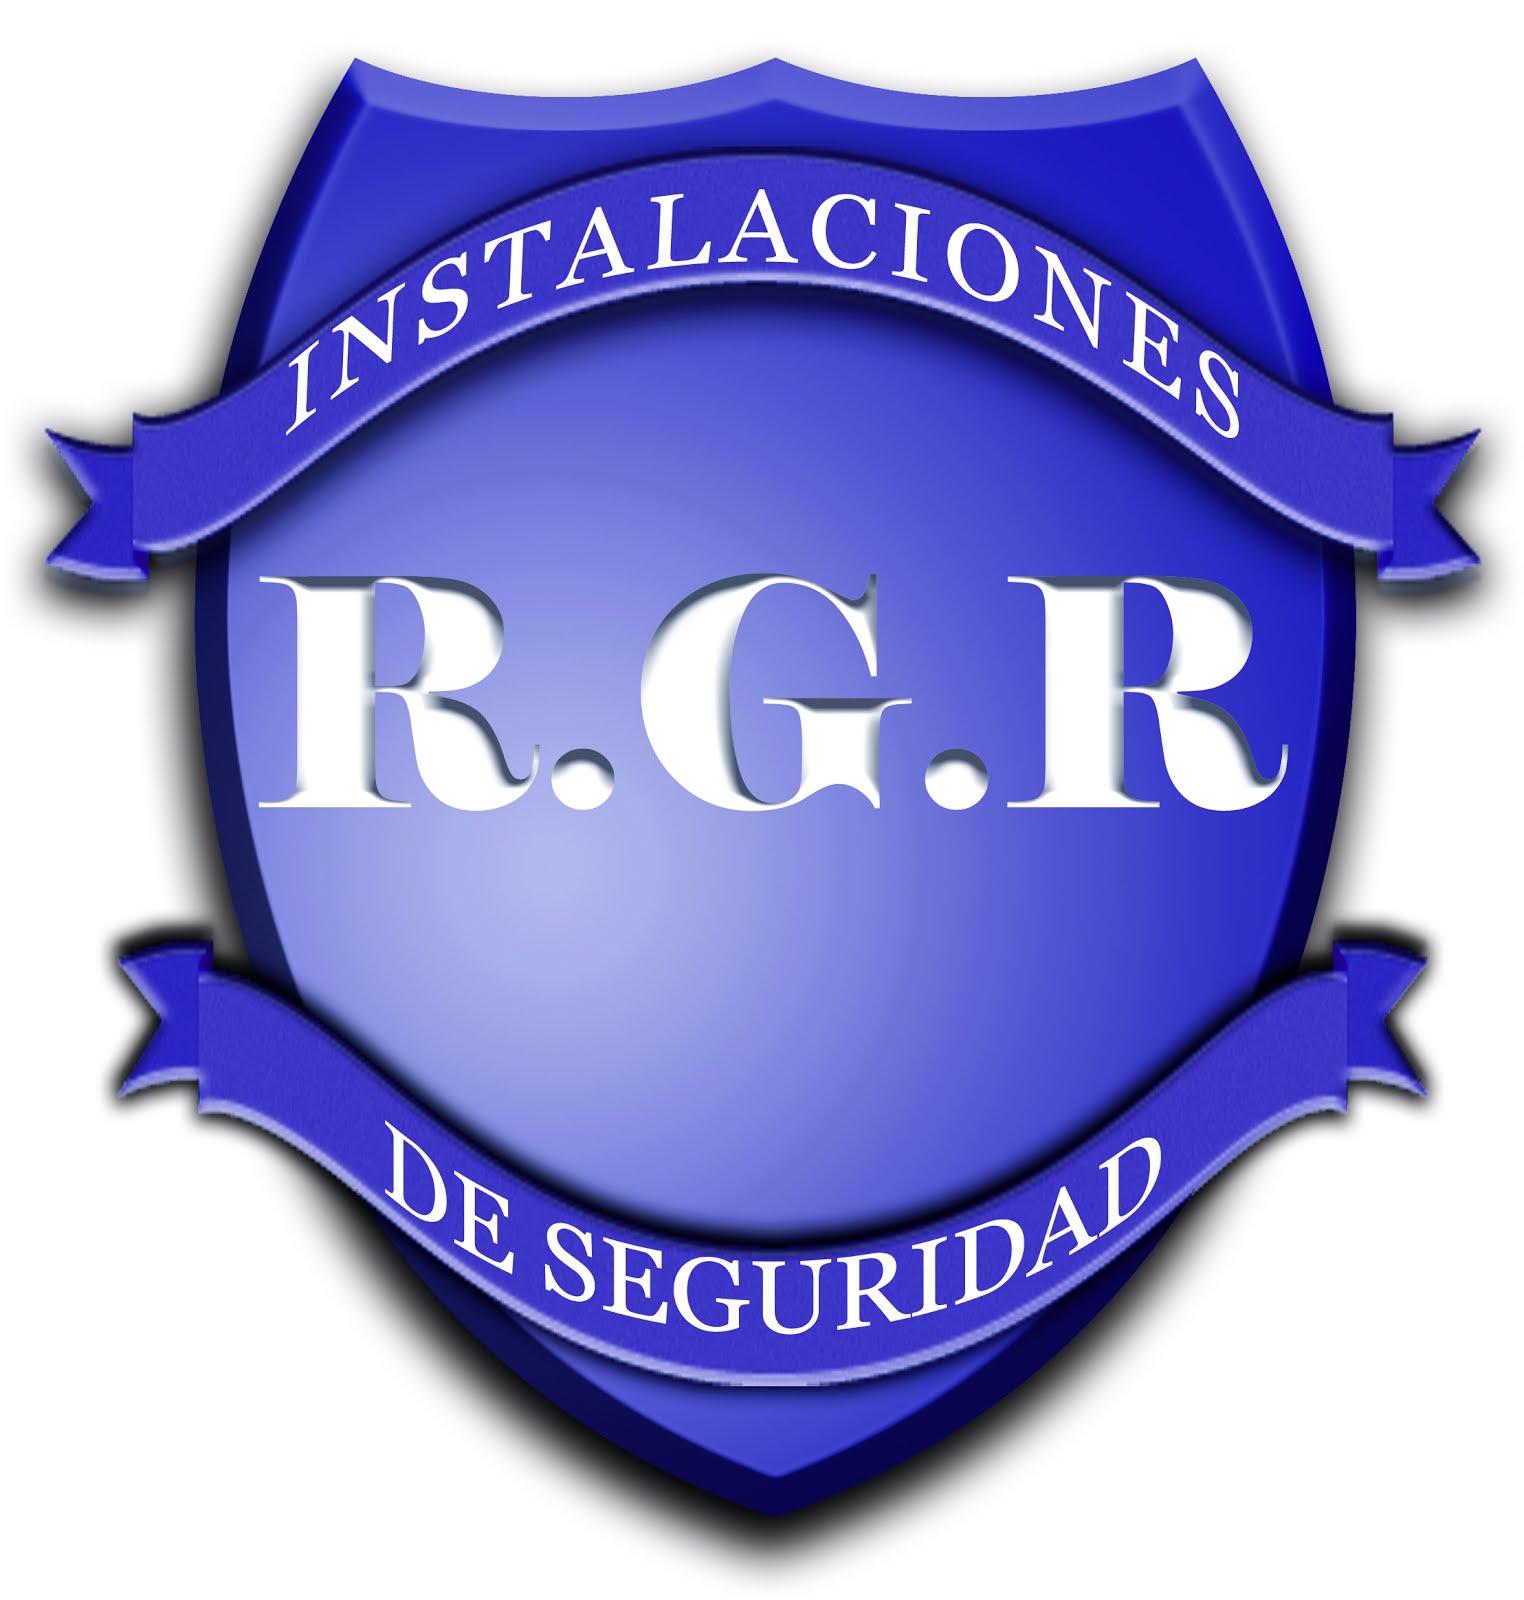 R.G.R